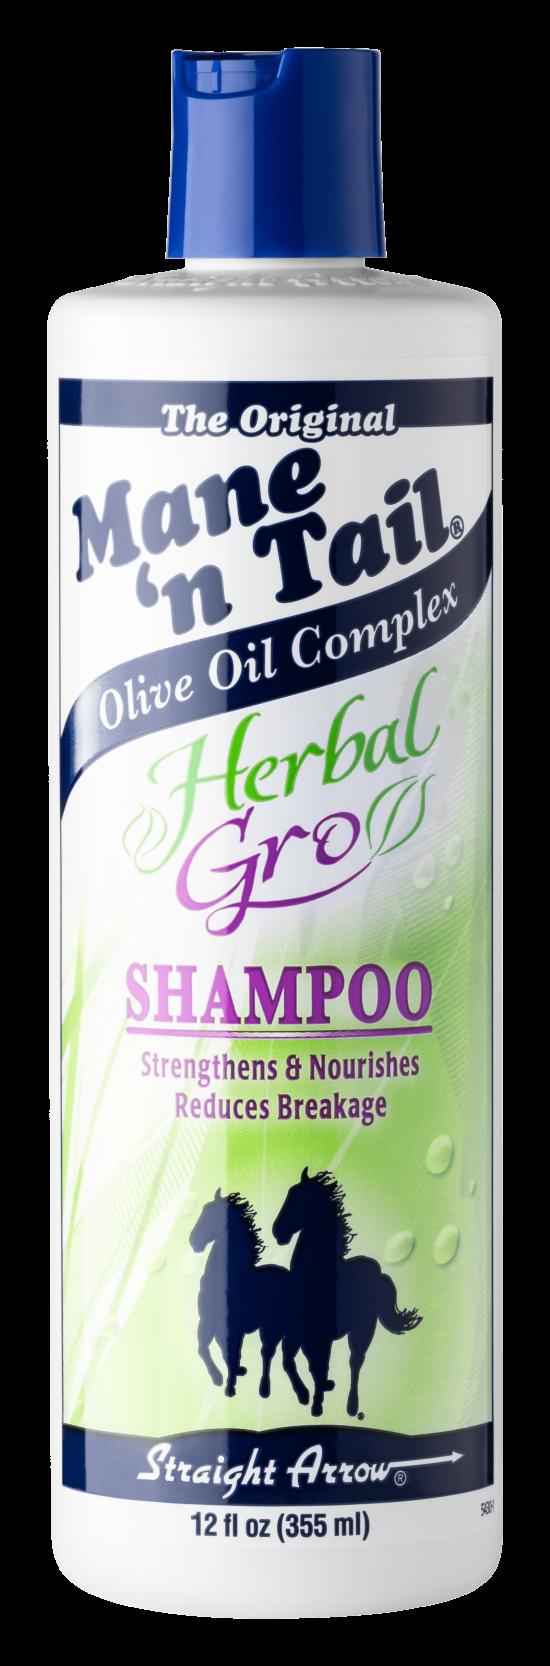 Herbal Gro Shampoo 12 oz bottle